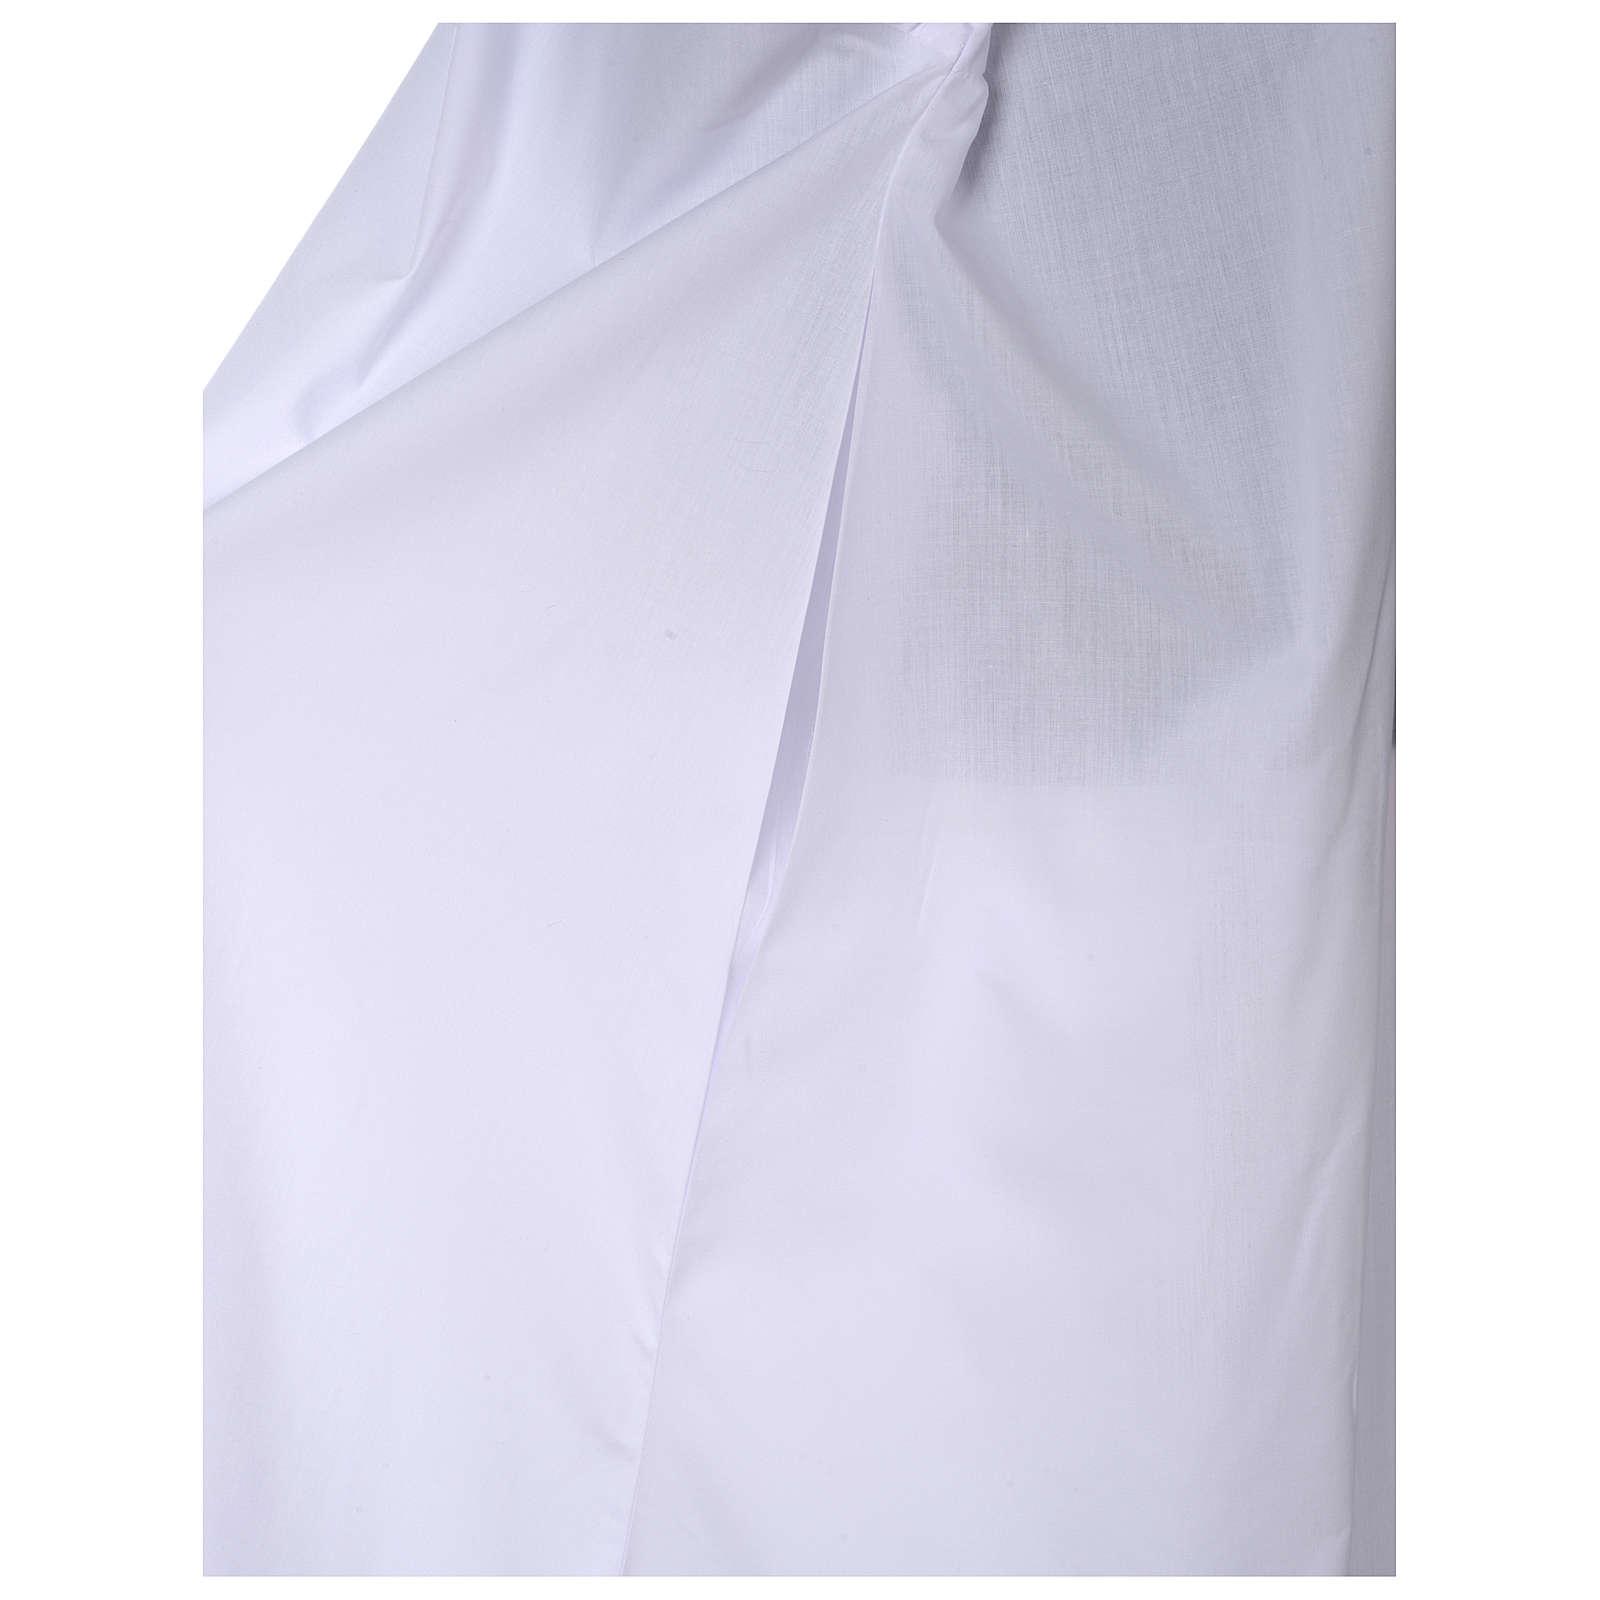 Ausgestellte Albe mit Raglanärmeln, weiß, Baumwoll-Polyester-Mischgewebe 4